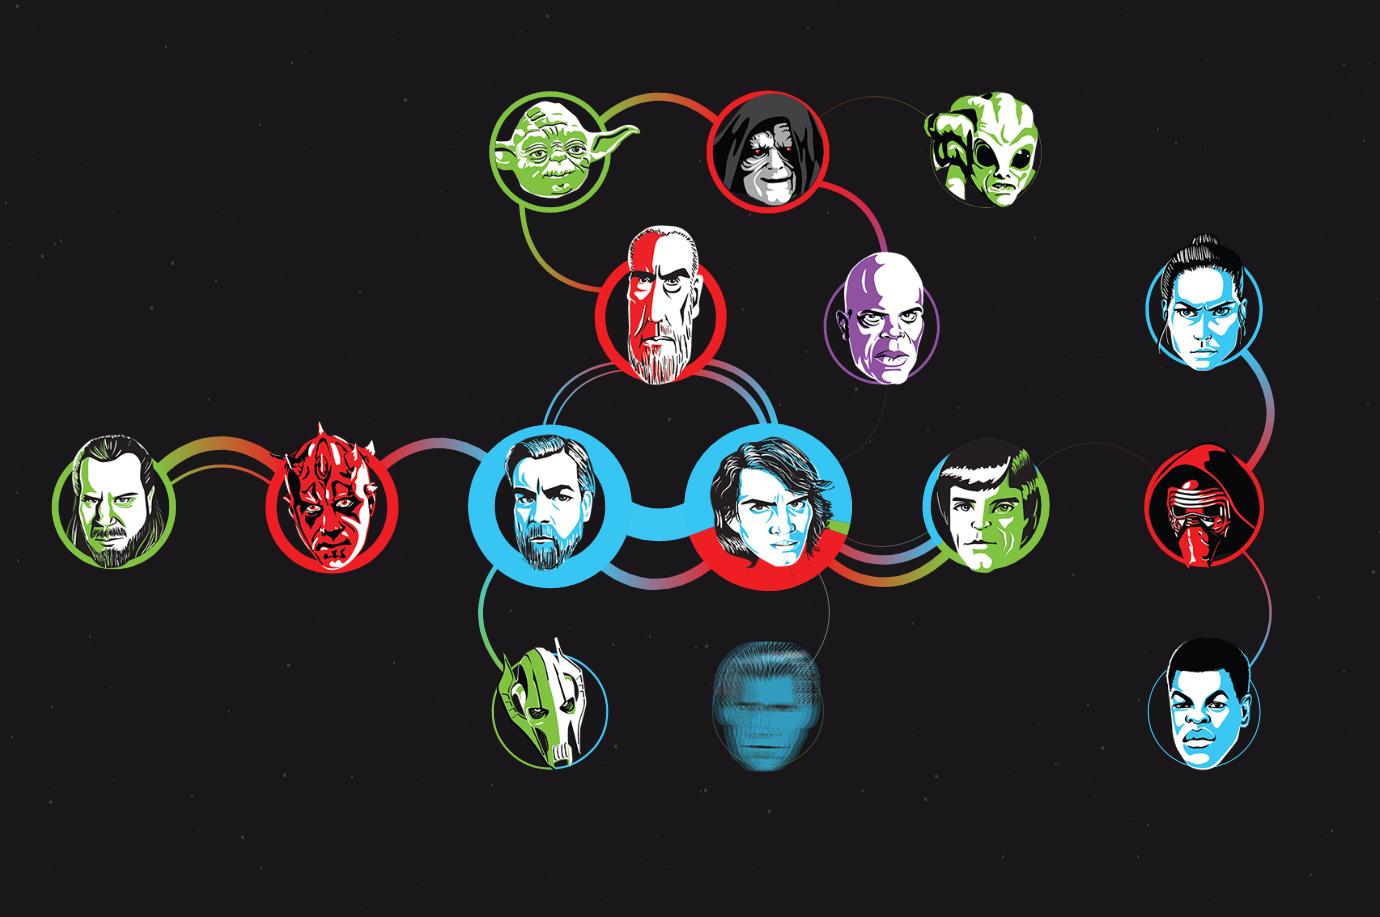 The Lightsaber Duels